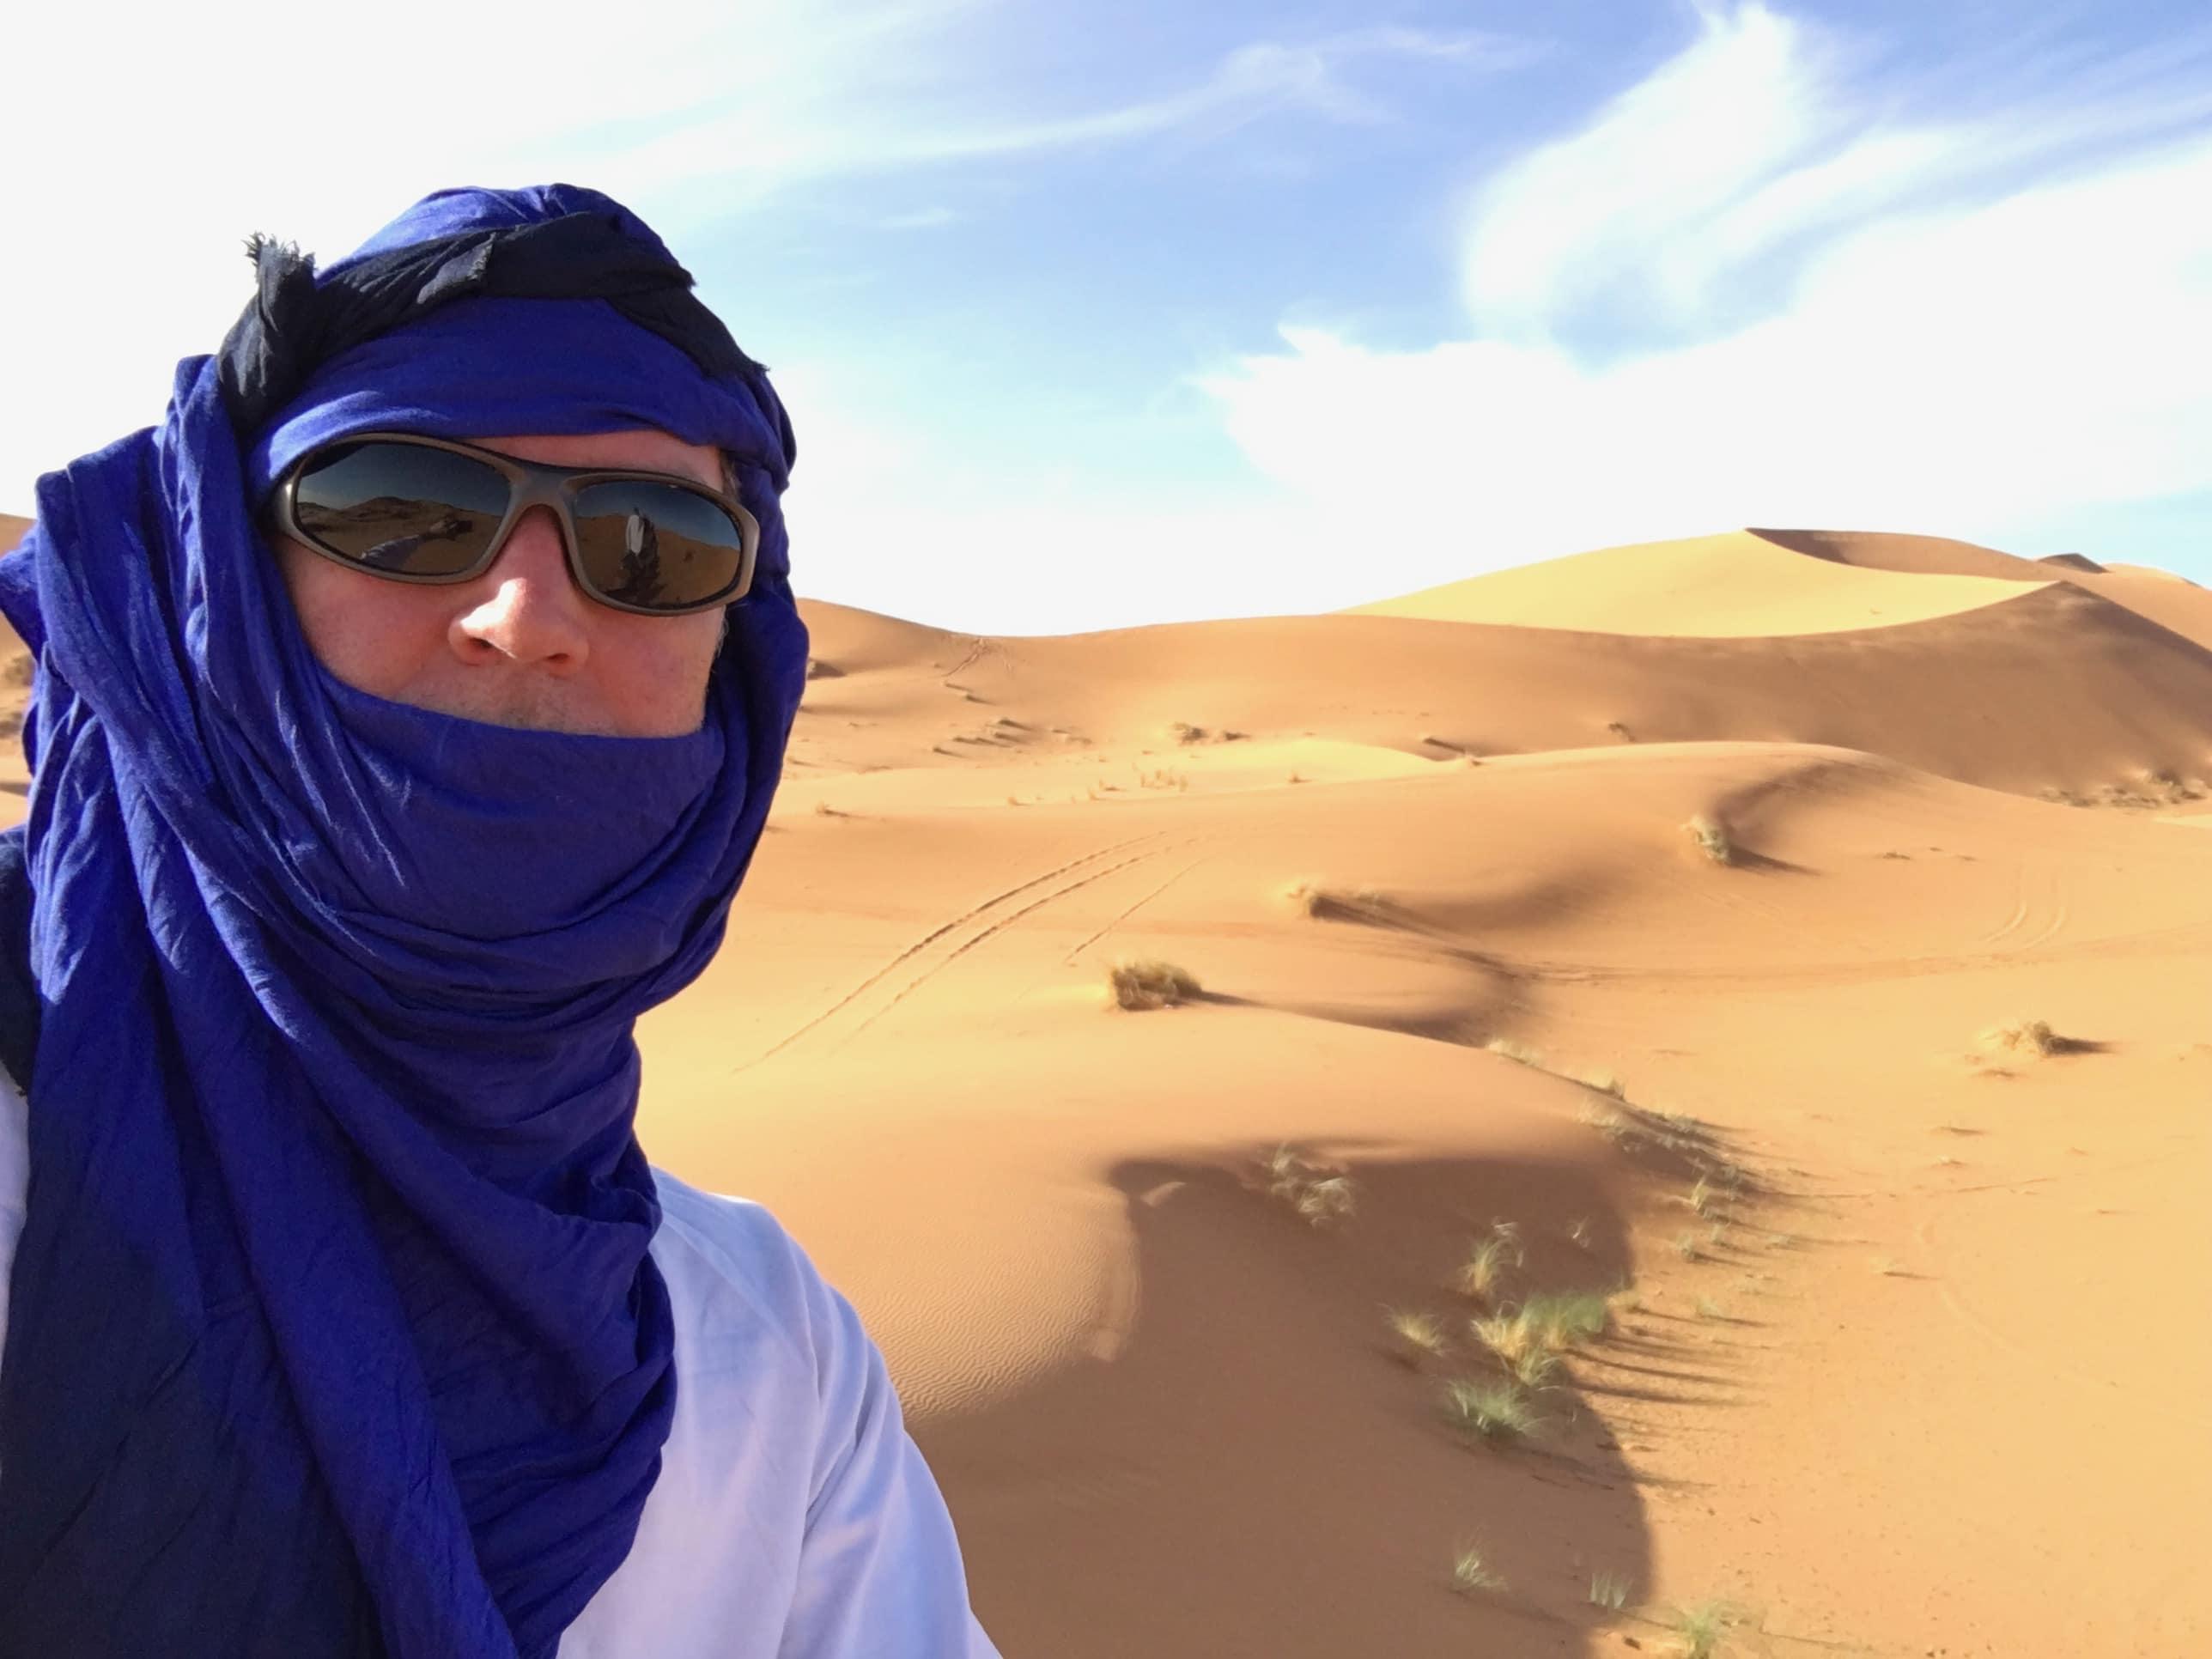 Somewhere in the Saharan desert